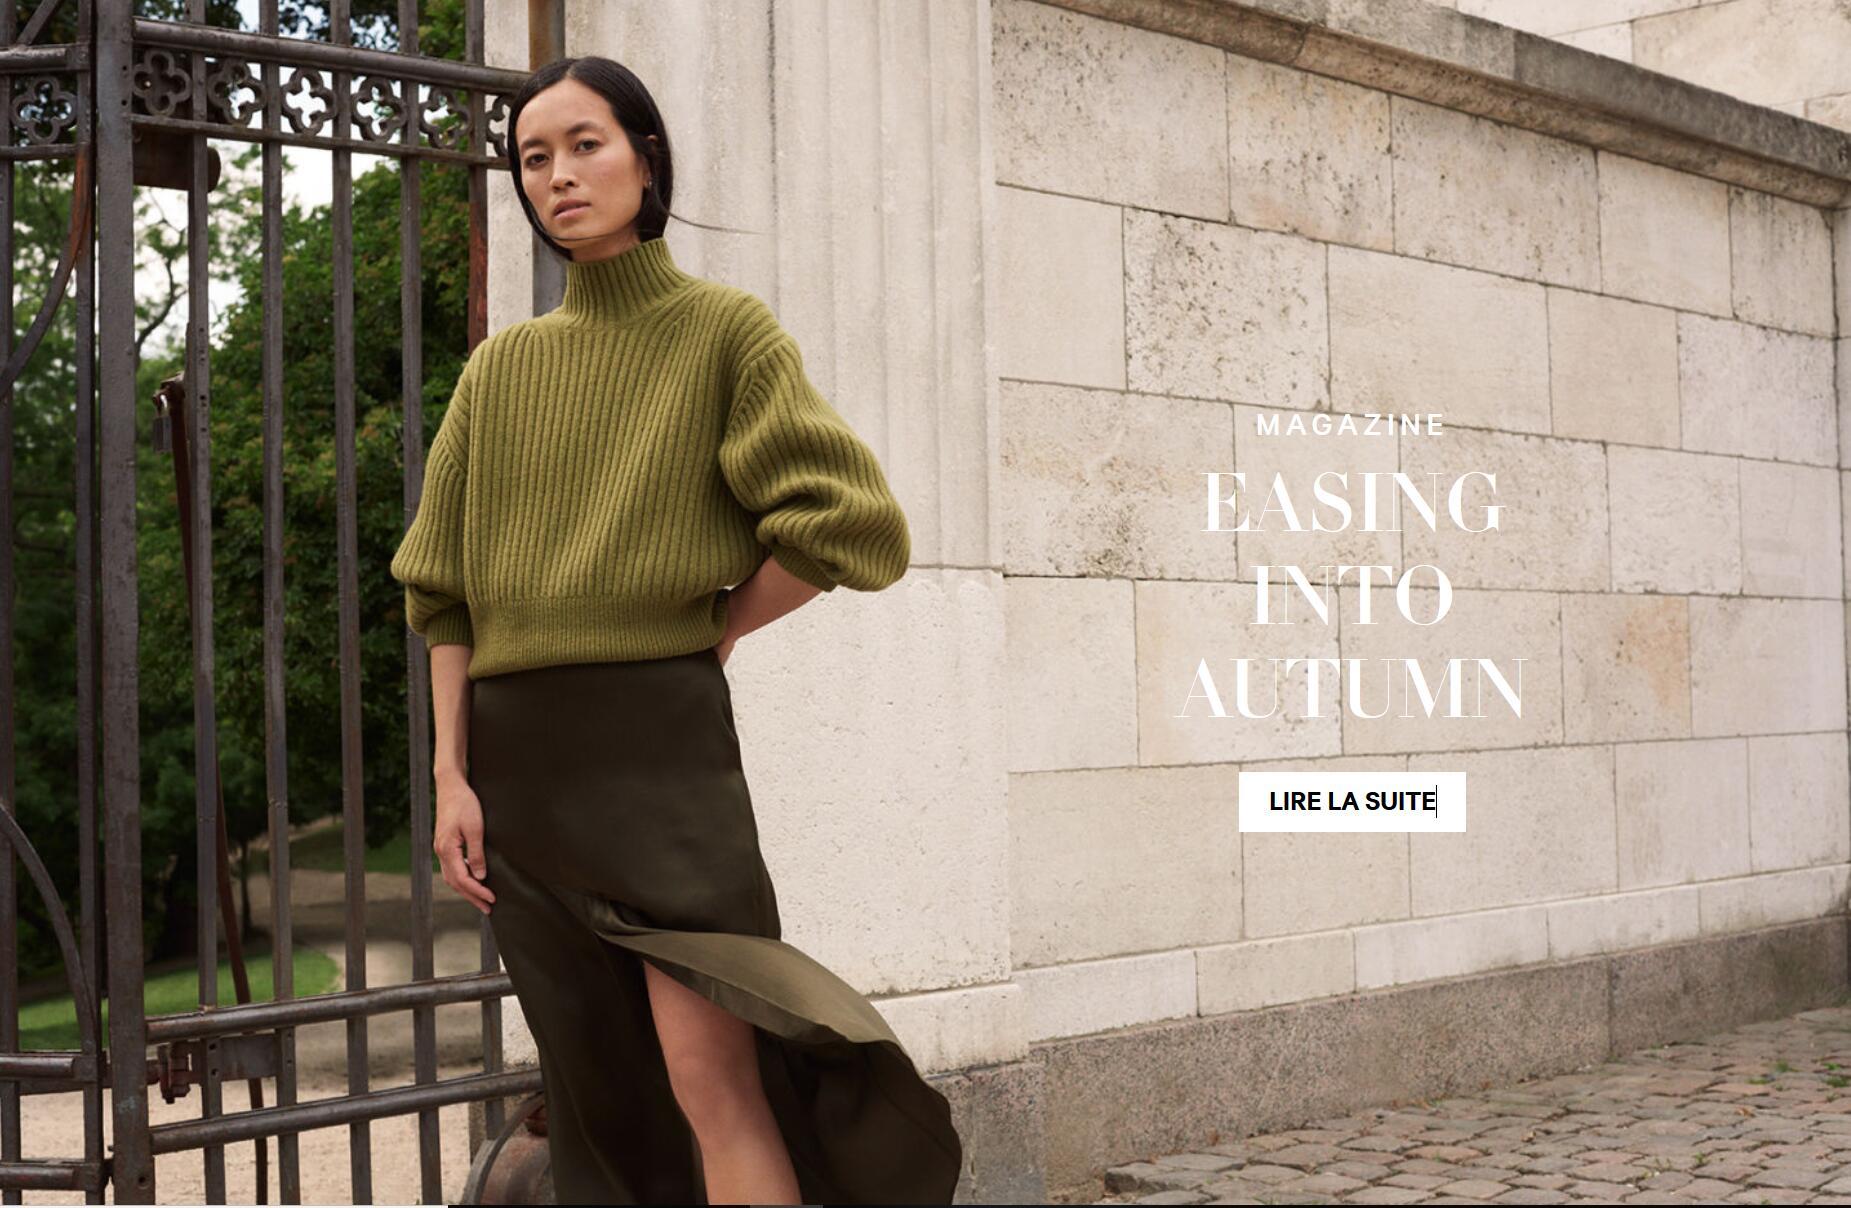 H&M将销售外部品牌商品,或将转型为多品牌零售商